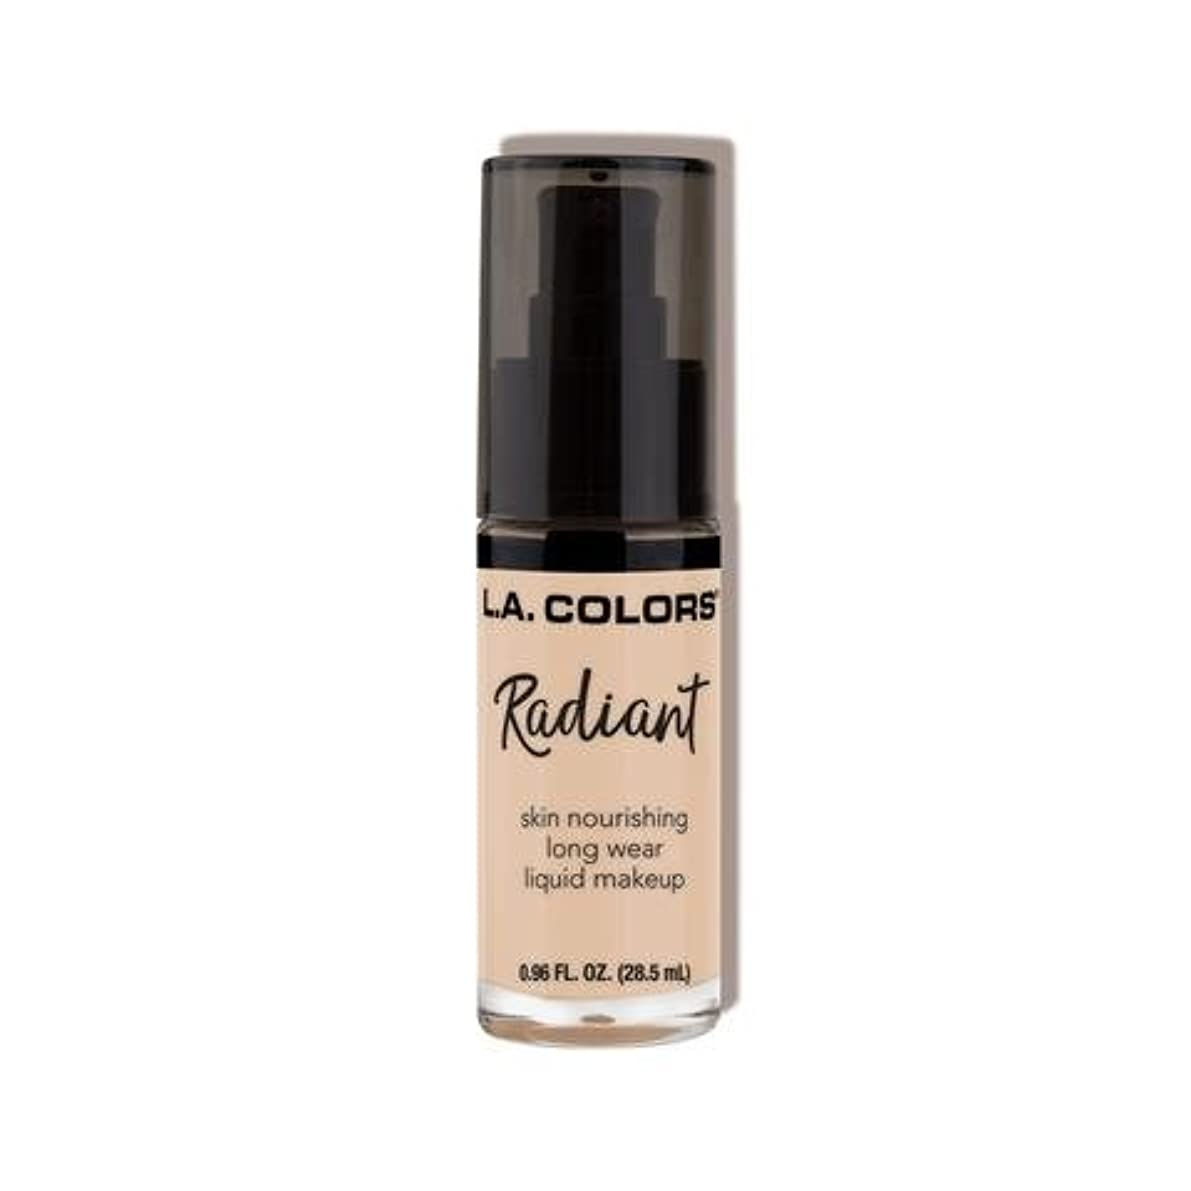 アソシエイト泥裏切る(3 Pack) L.A. COLORS Radiant Liquid Makeup - Vanilla (並行輸入品)